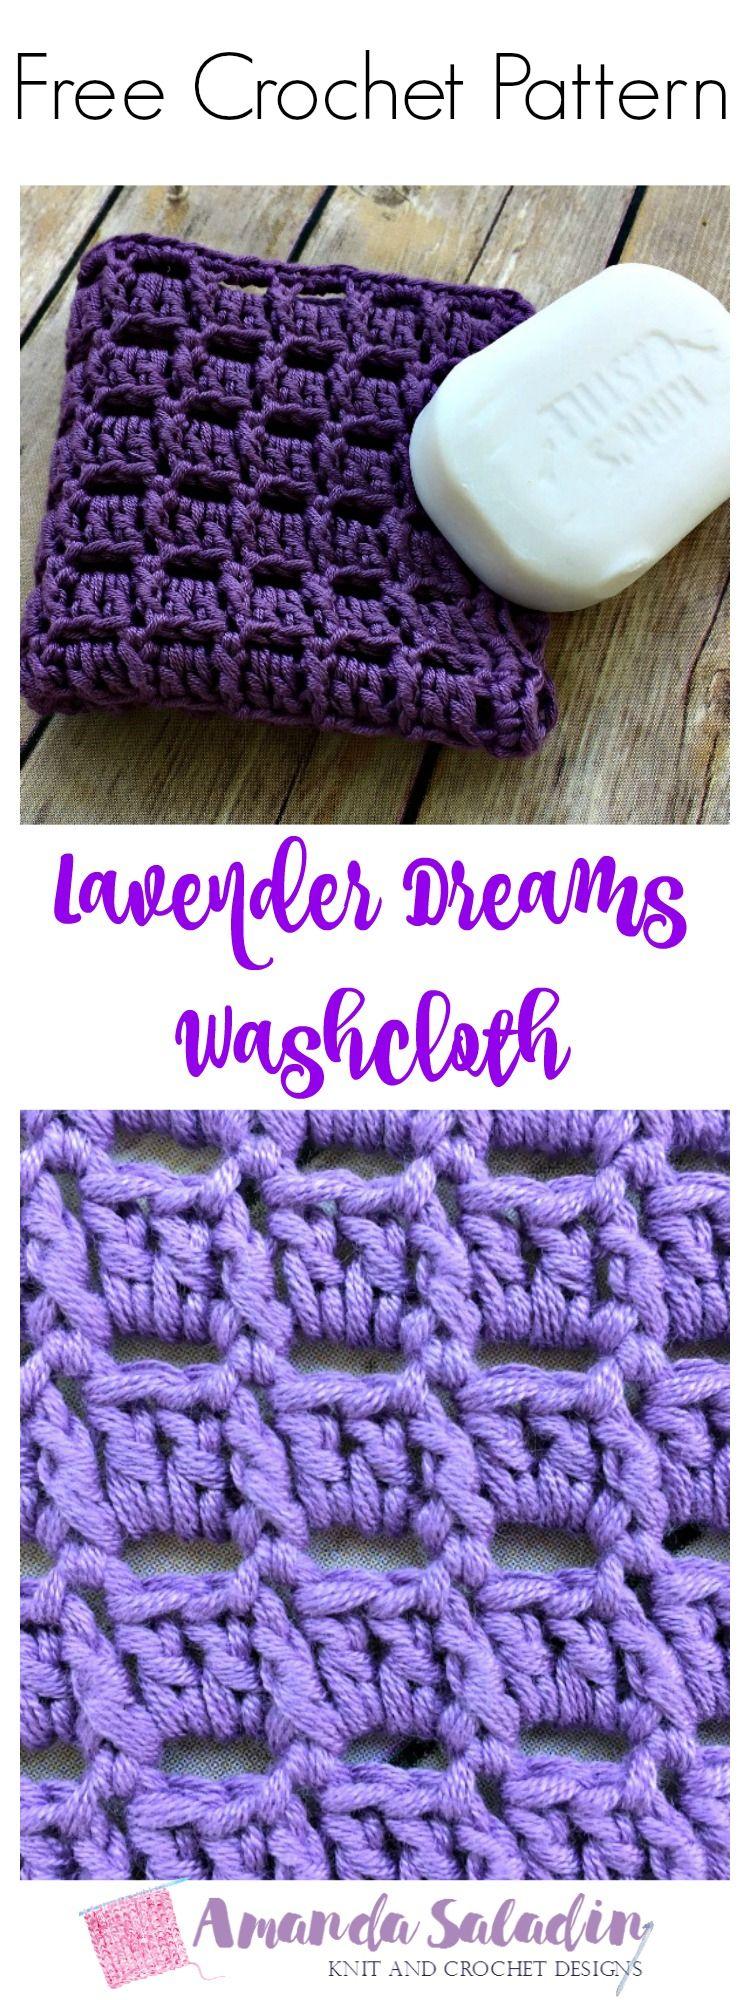 Lavender Dreams Washcloth - Free Crochet Pattern | Técnicas de ...